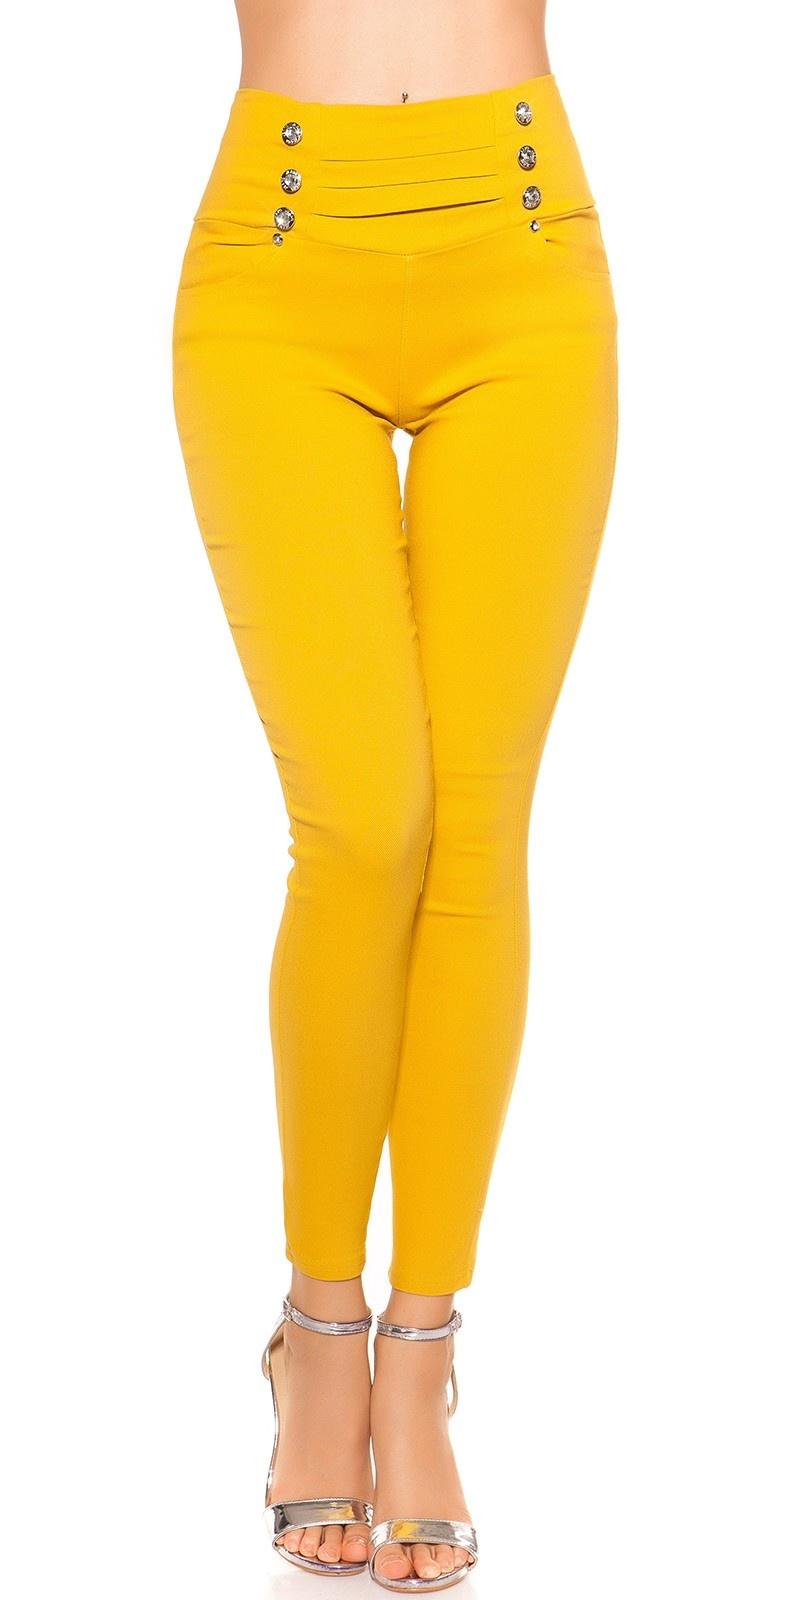 Sexy hoge taille treggins met knopen mosterdgeel